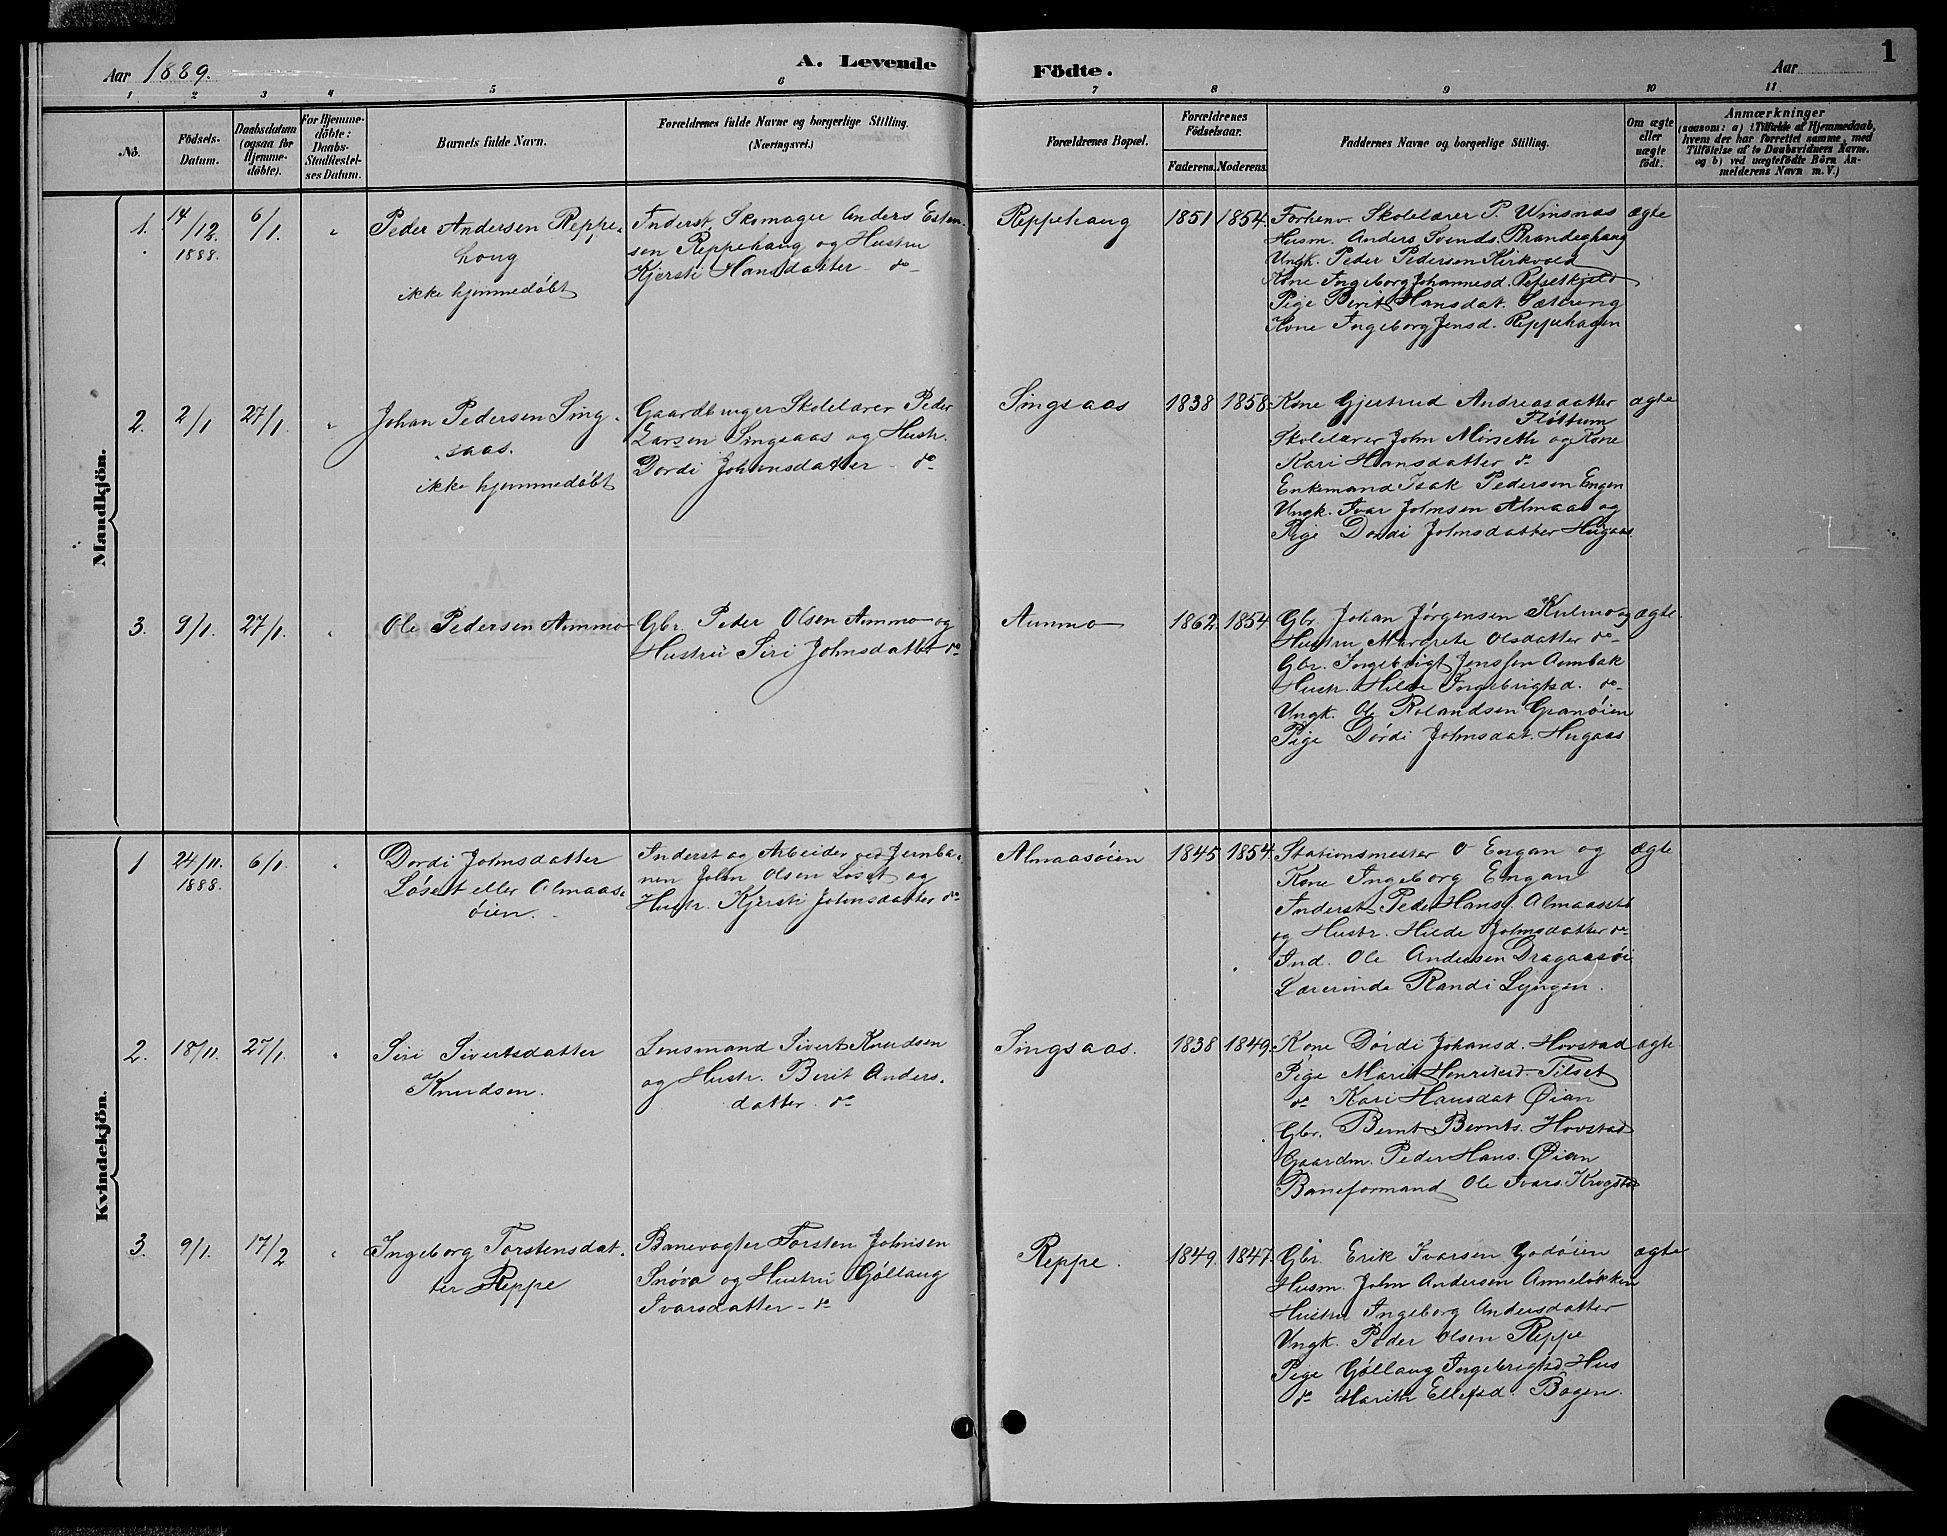 SAT, Ministerialprotokoller, klokkerbøker og fødselsregistre - Sør-Trøndelag, 688/L1028: Klokkerbok nr. 688C03, 1889-1899, s. 1